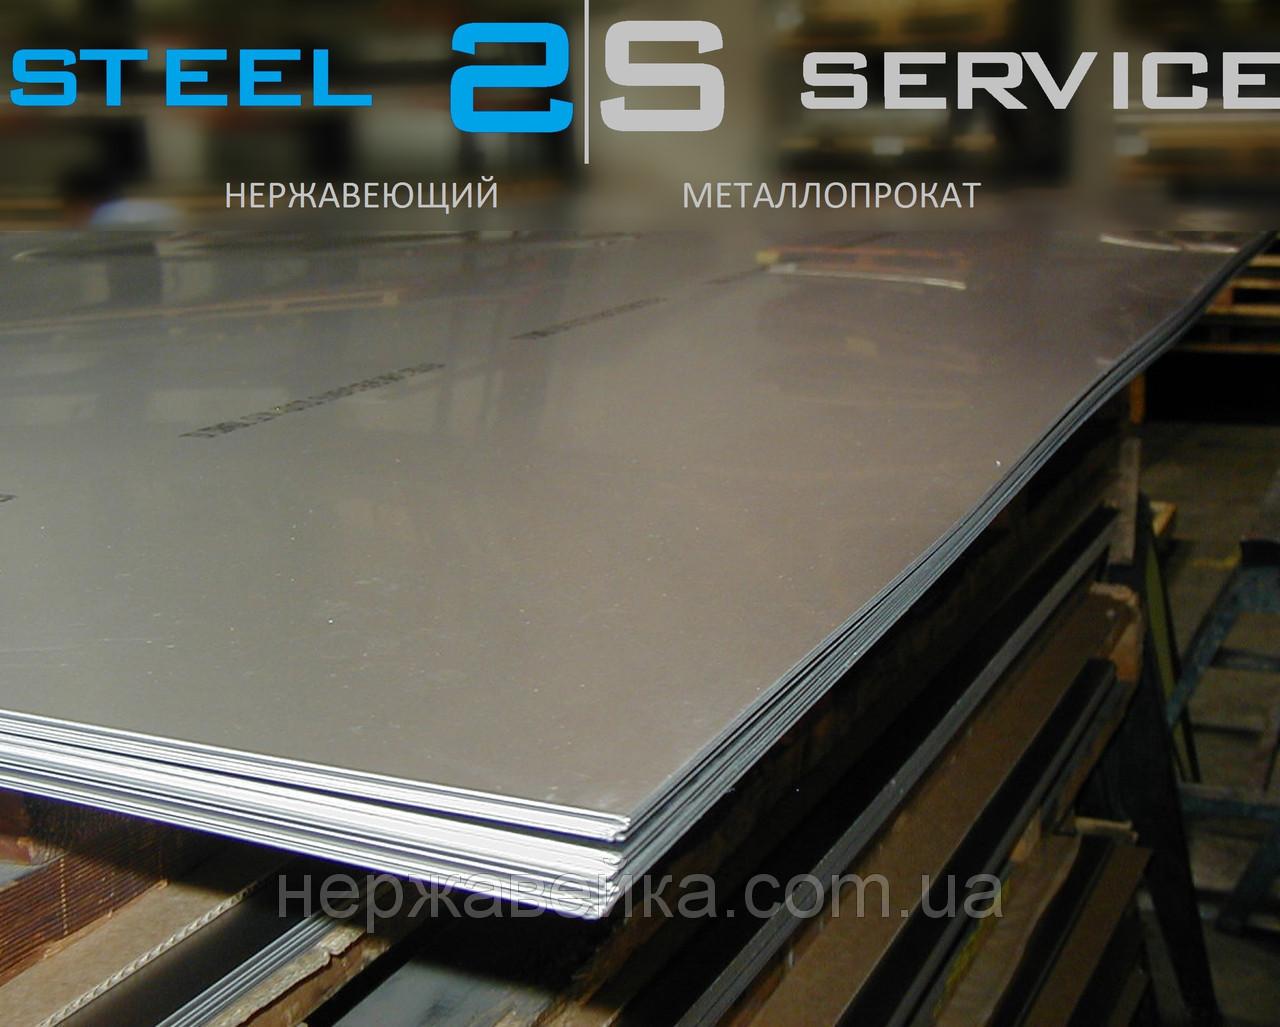 Нержавейка лист 1,5х1250х2500мм  AISI 310(20Х23Н18) 2B - матовый,  жаропрочный